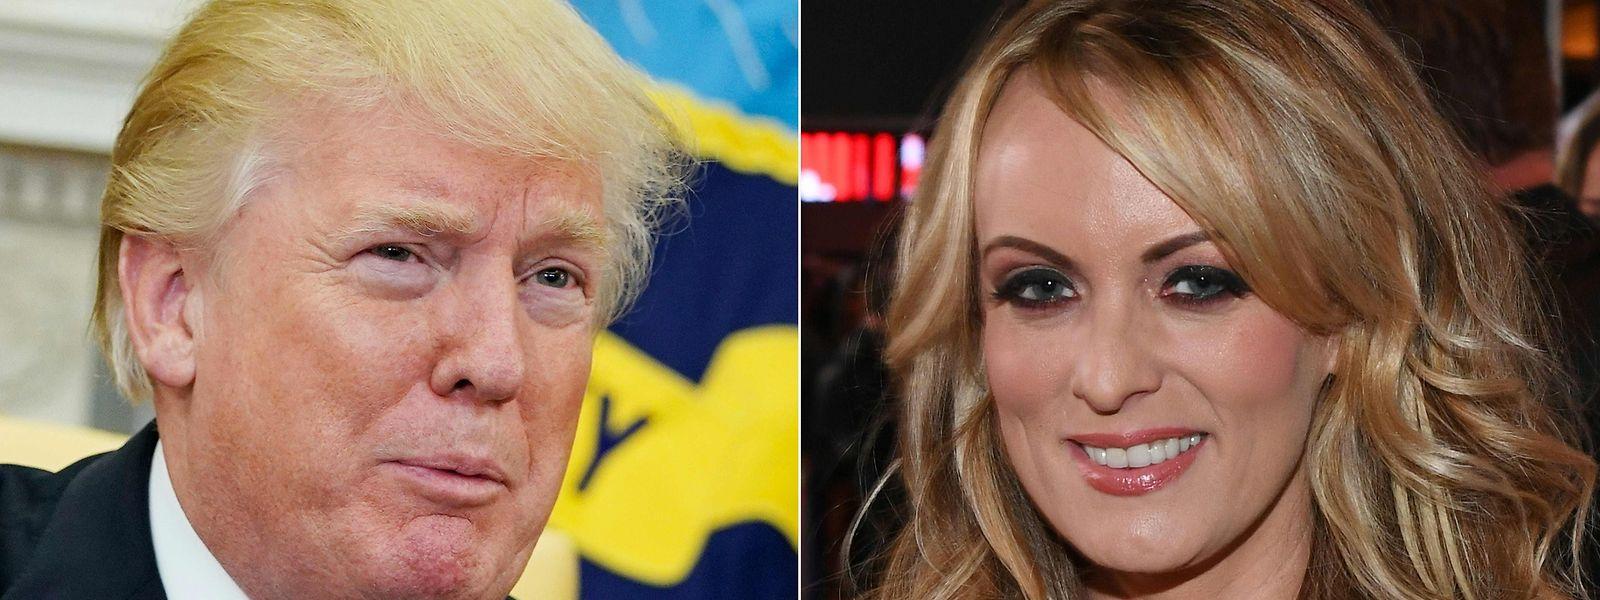 Clifford, die unter dem Namen Stormy Daniels auftritt, behauptet, 2006 eine Affäre mit Trump gehabt zu haben.